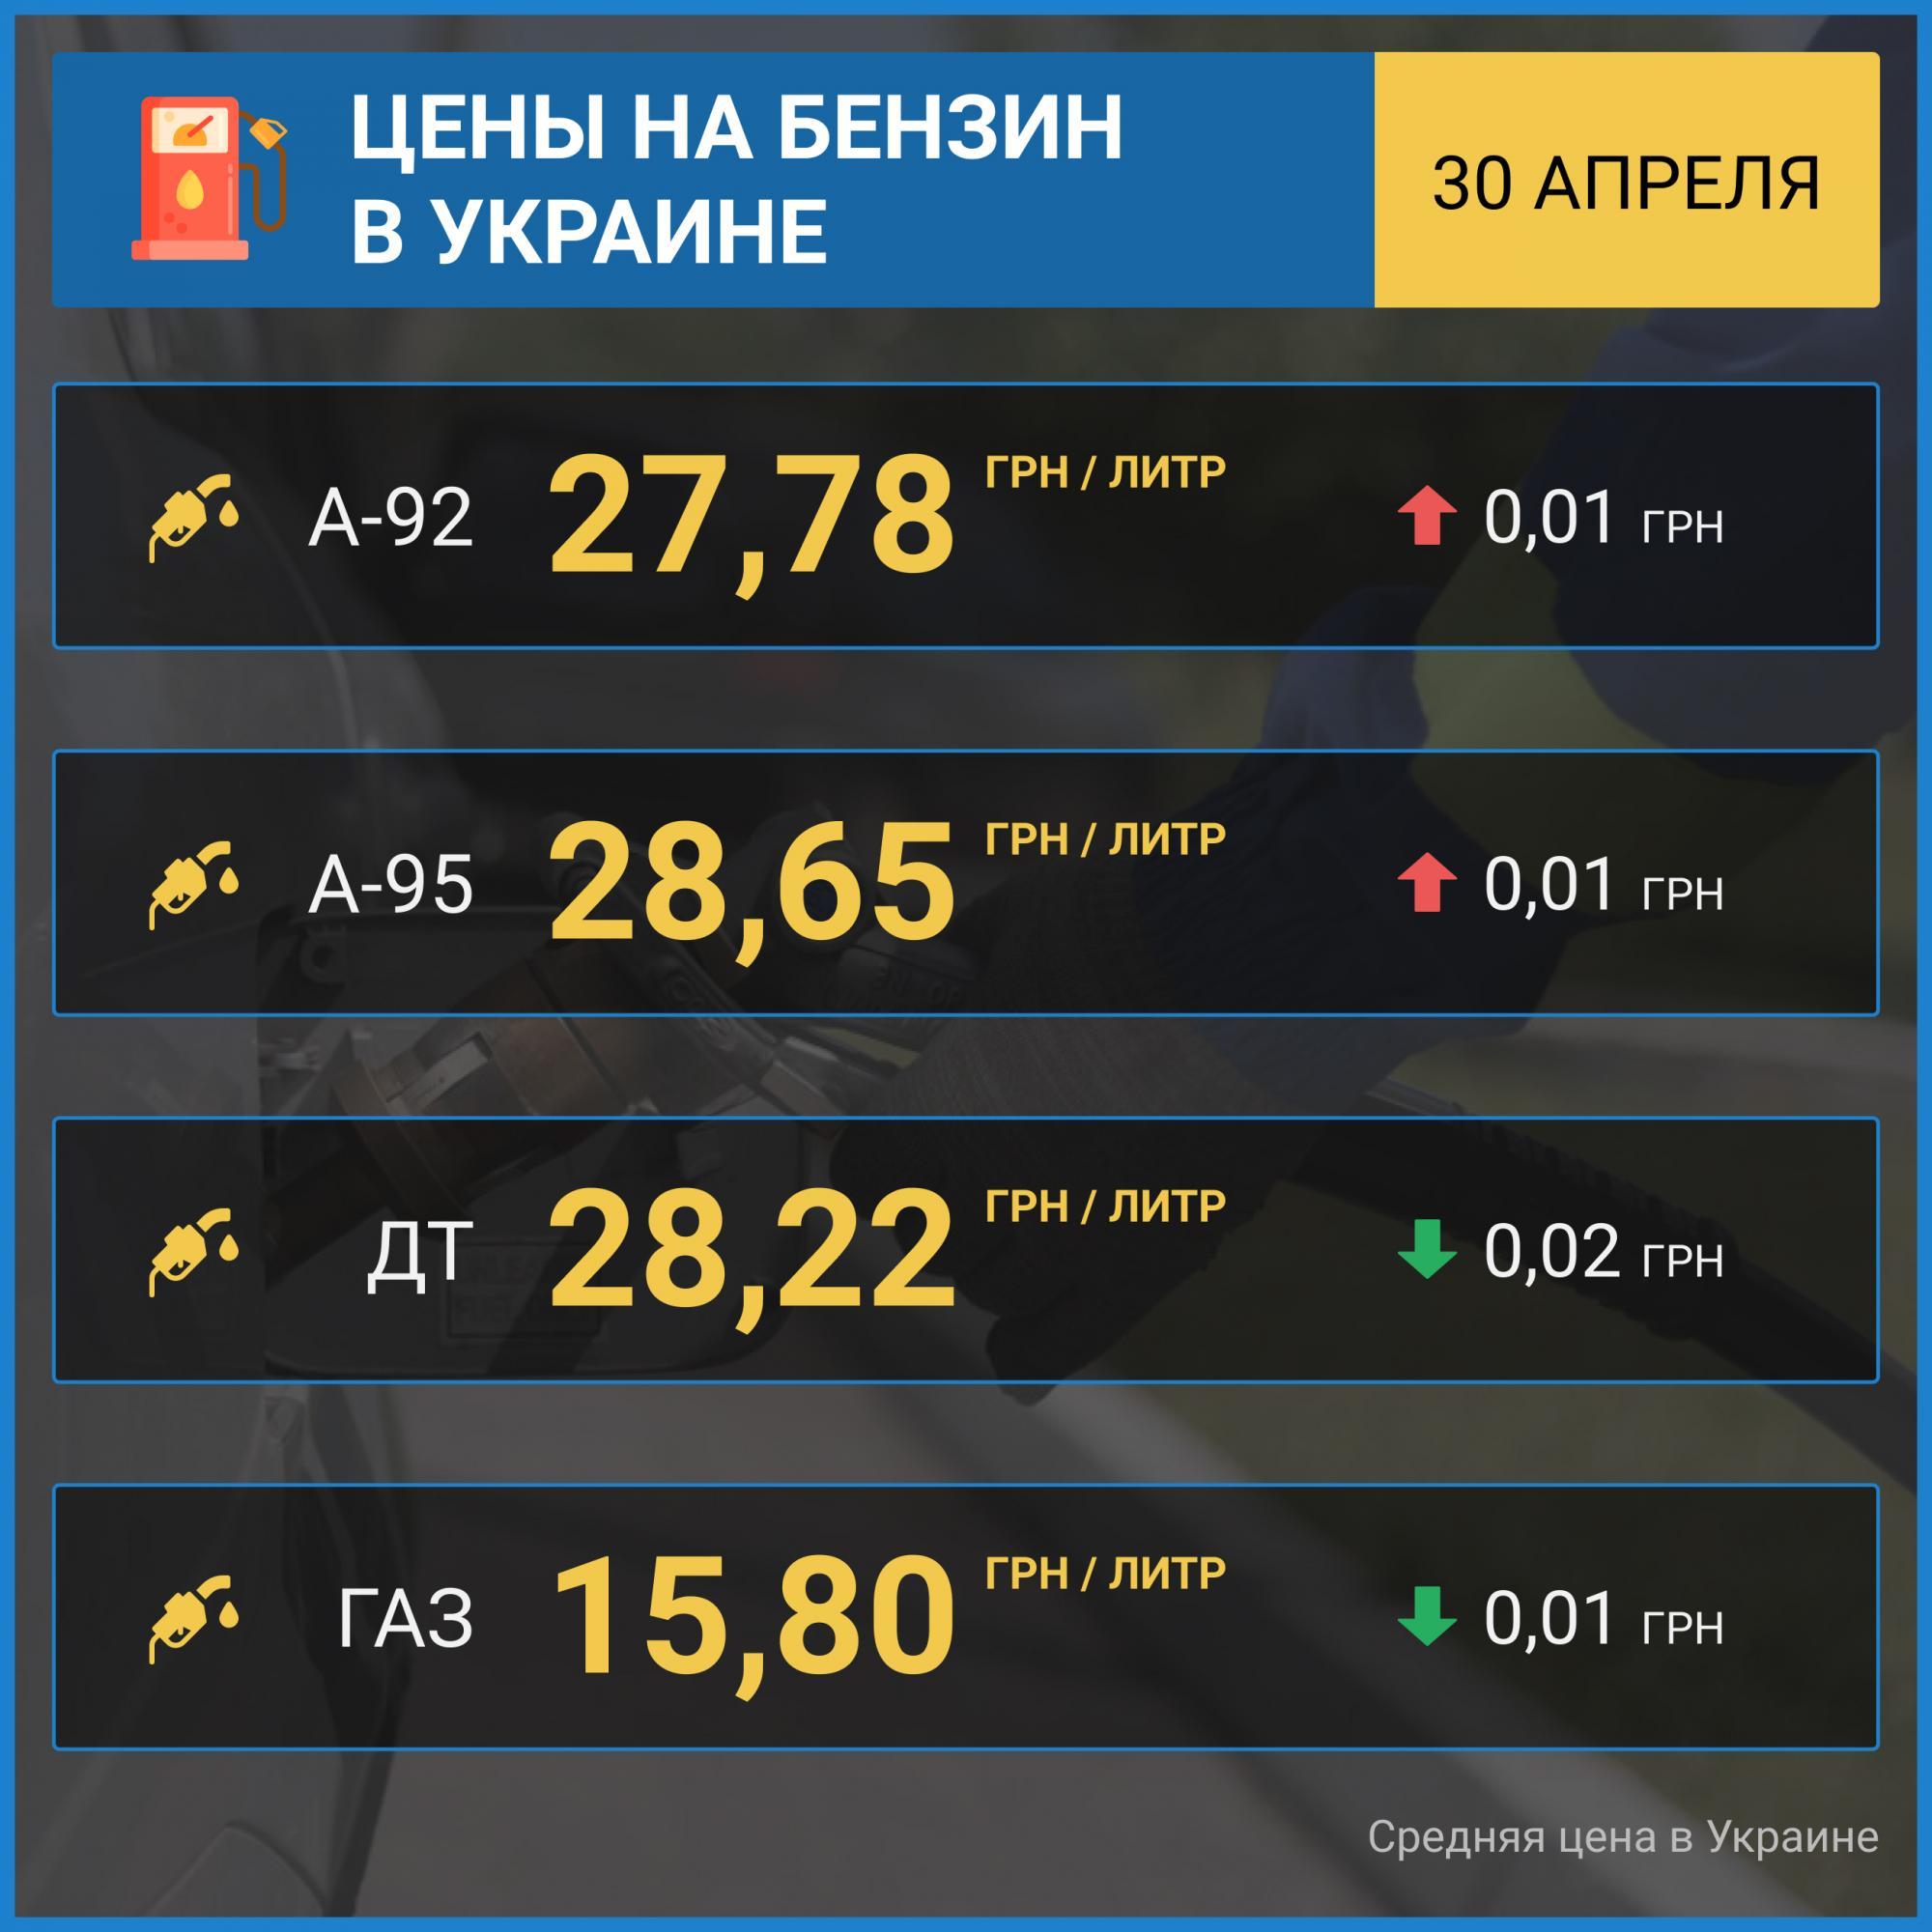 Бензин на АЗС дорожает: сколько стоит топливо в Украине